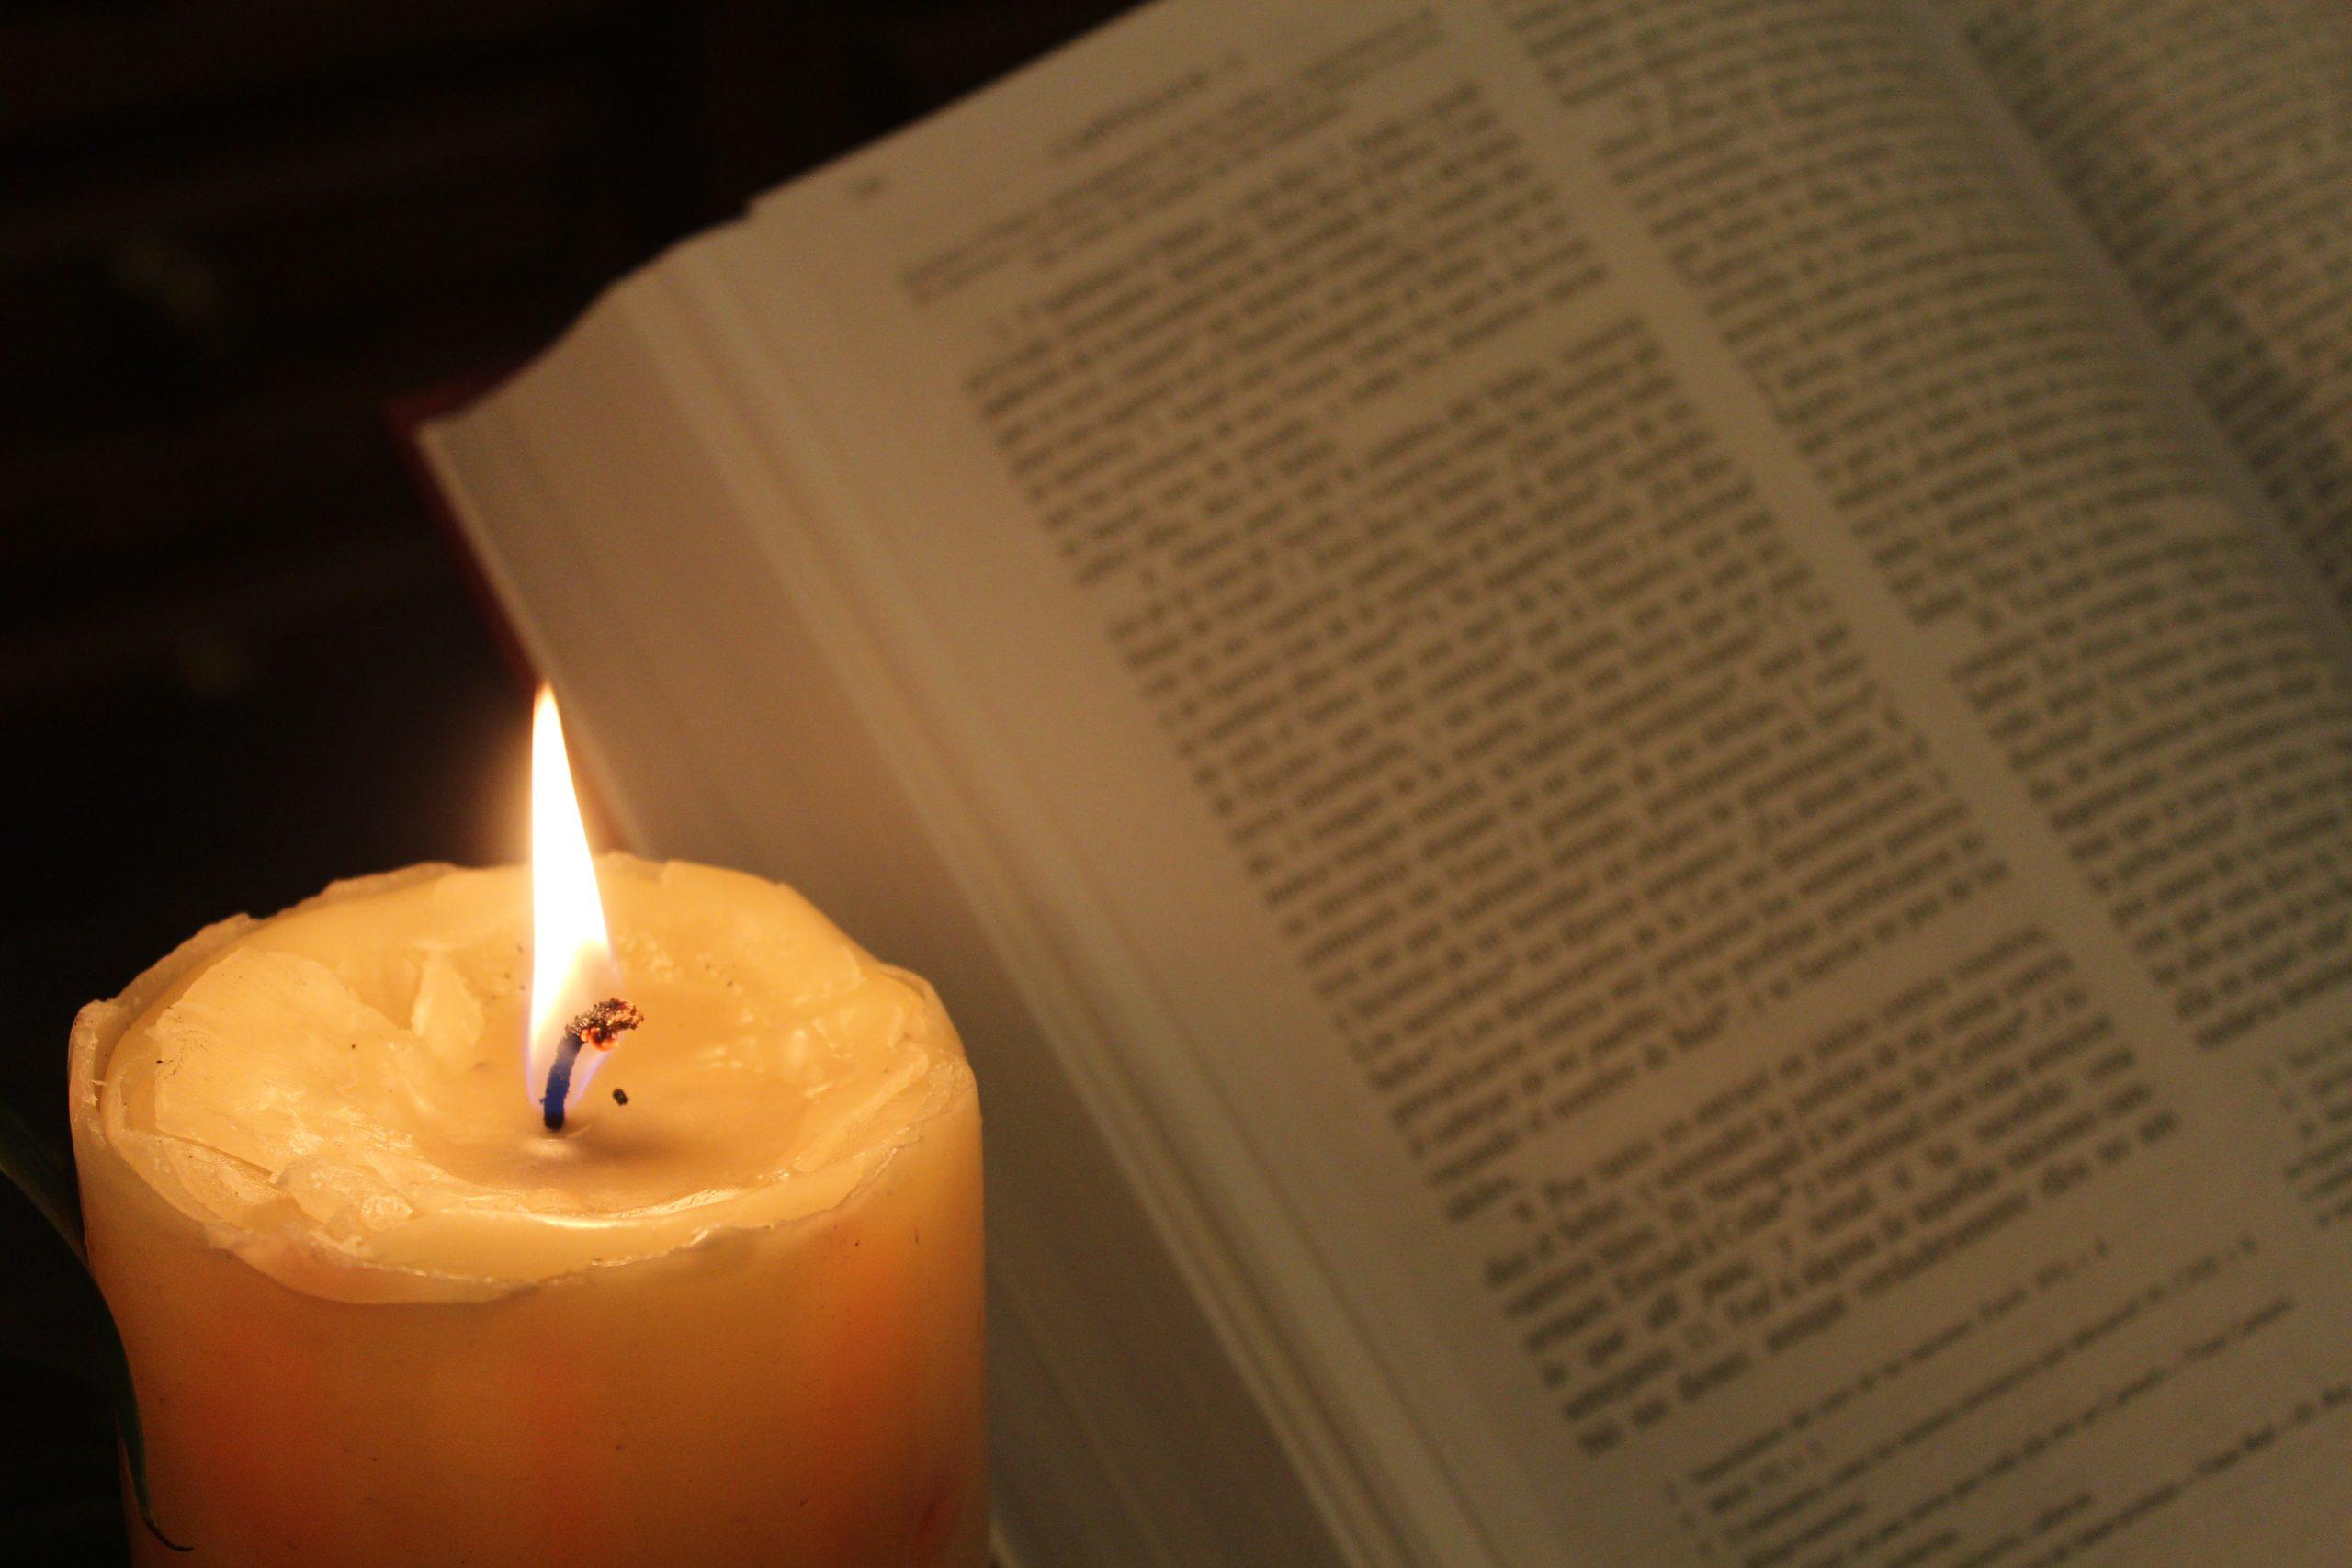 Biblia Escritura Juicio